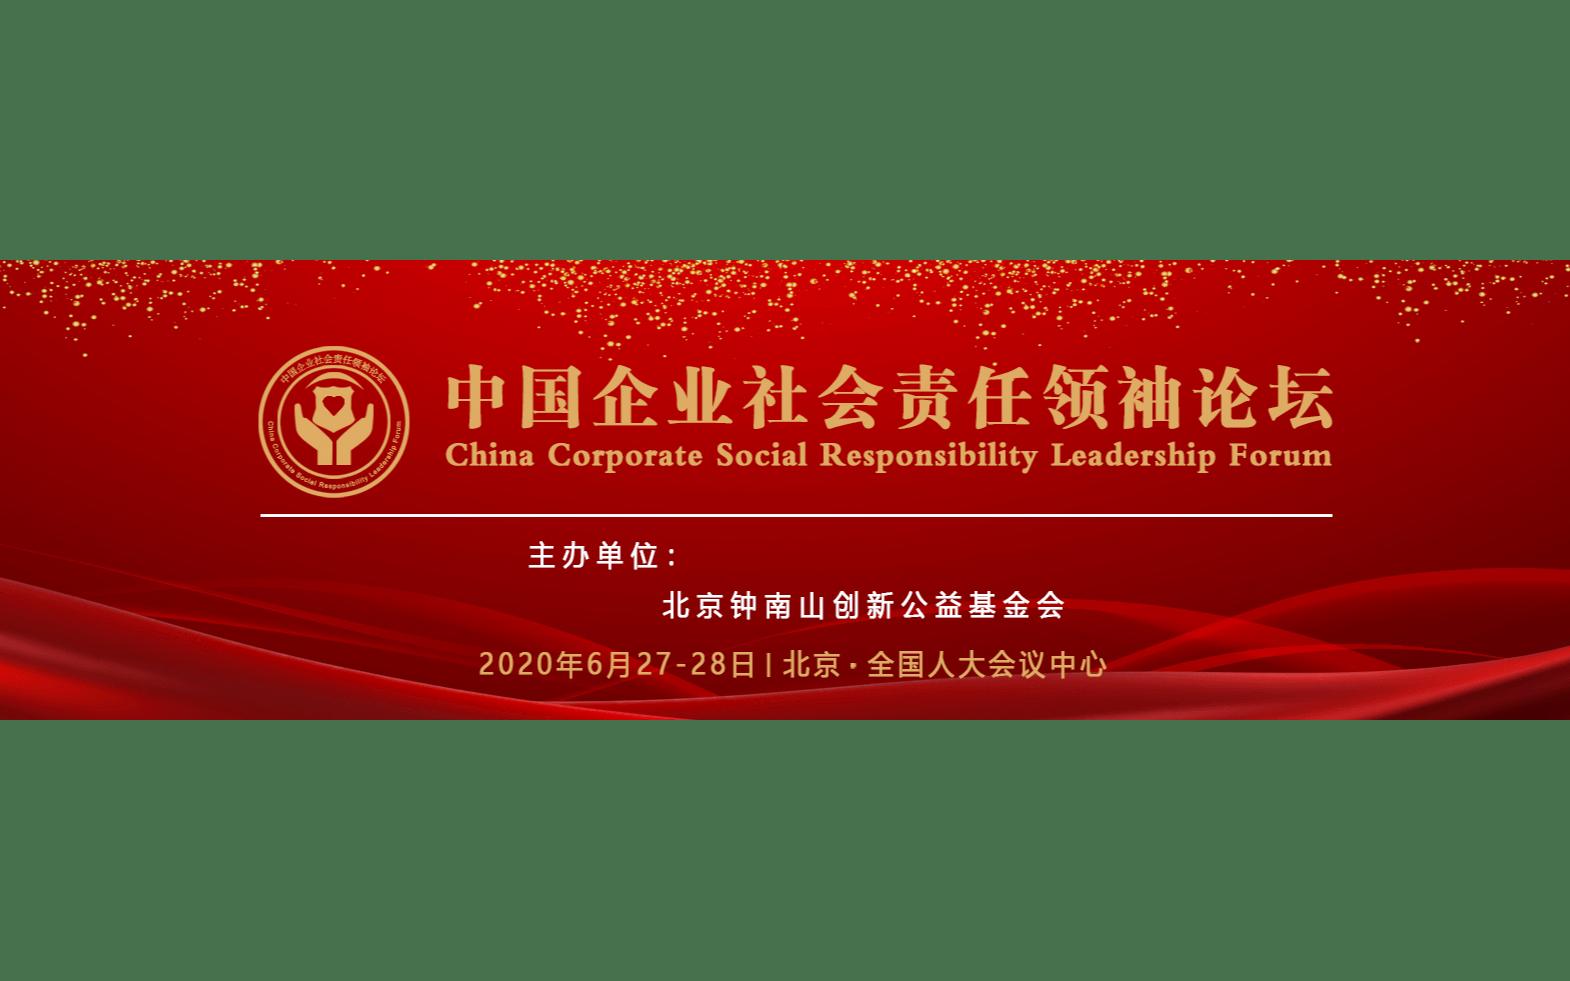 2020中国企业社会责任领袖论坛